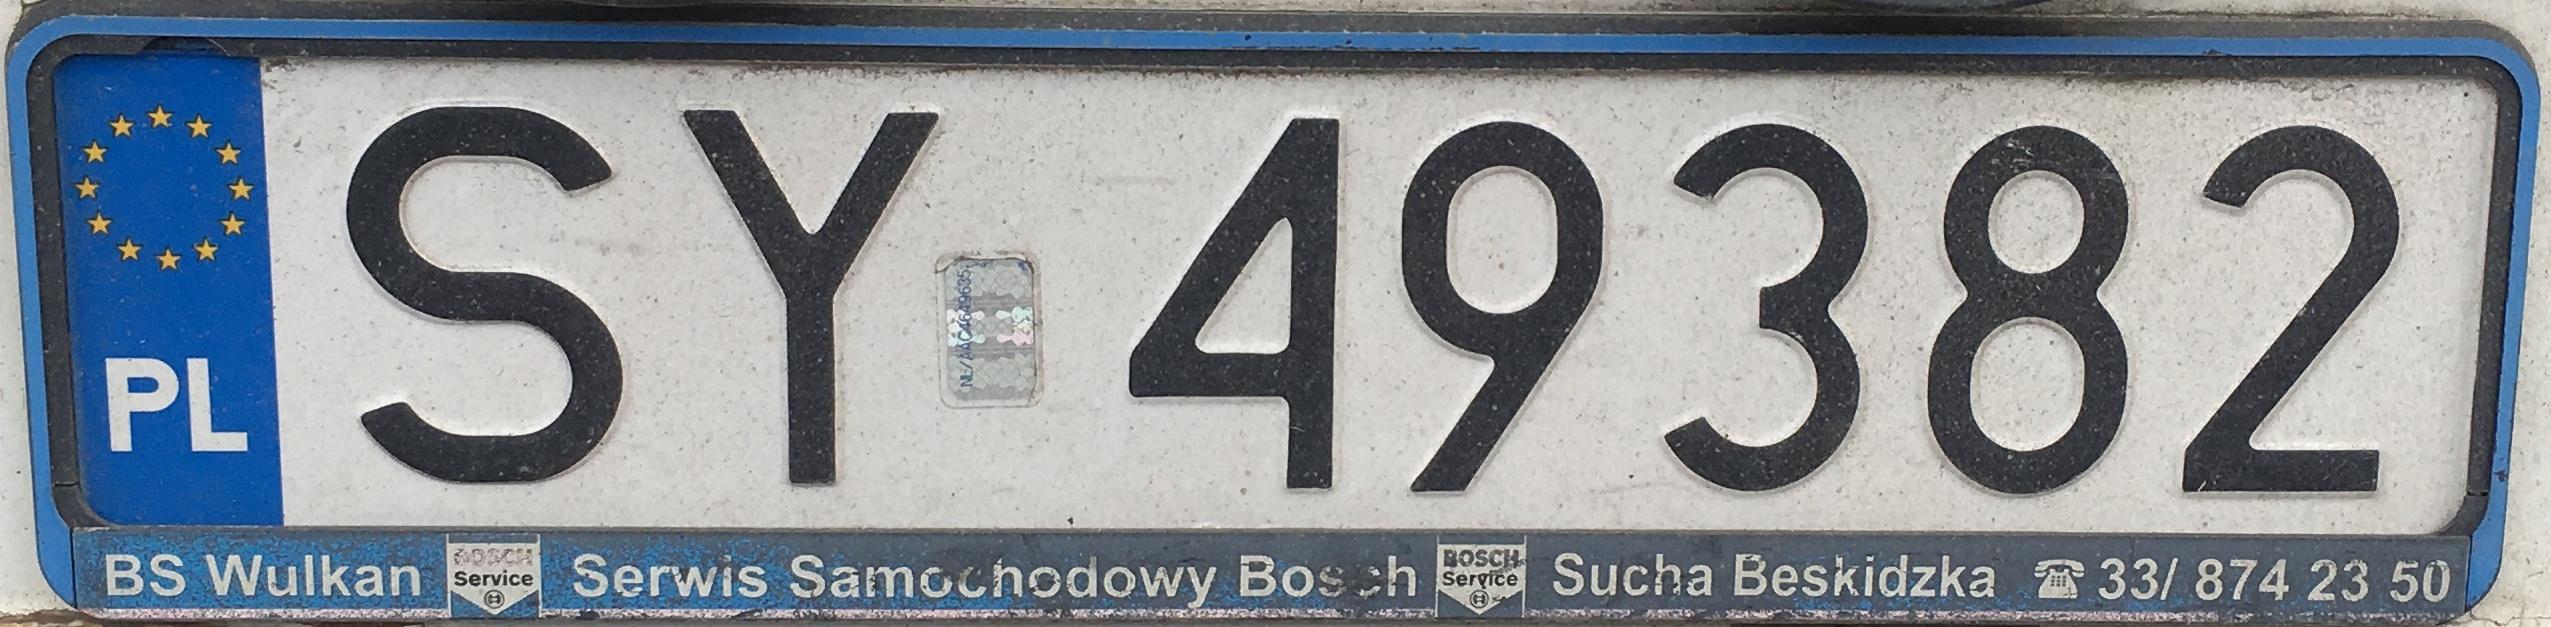 Registrační značka Polsko - SY - Bytom, foto: vlastní